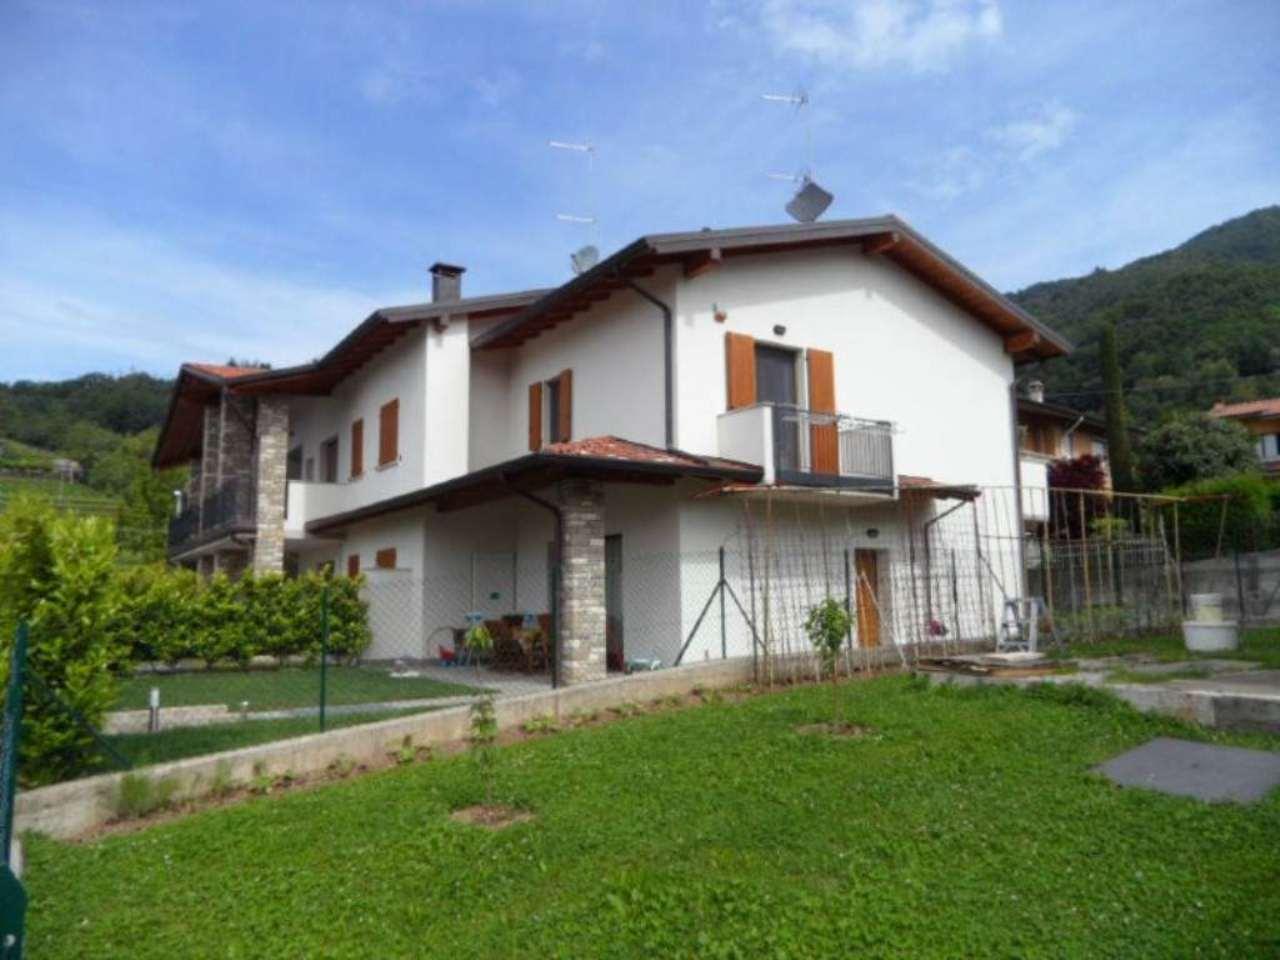 Appartamento in vendita a Cenate Sopra, 4 locali, prezzo € 250.000 | Cambio Casa.it